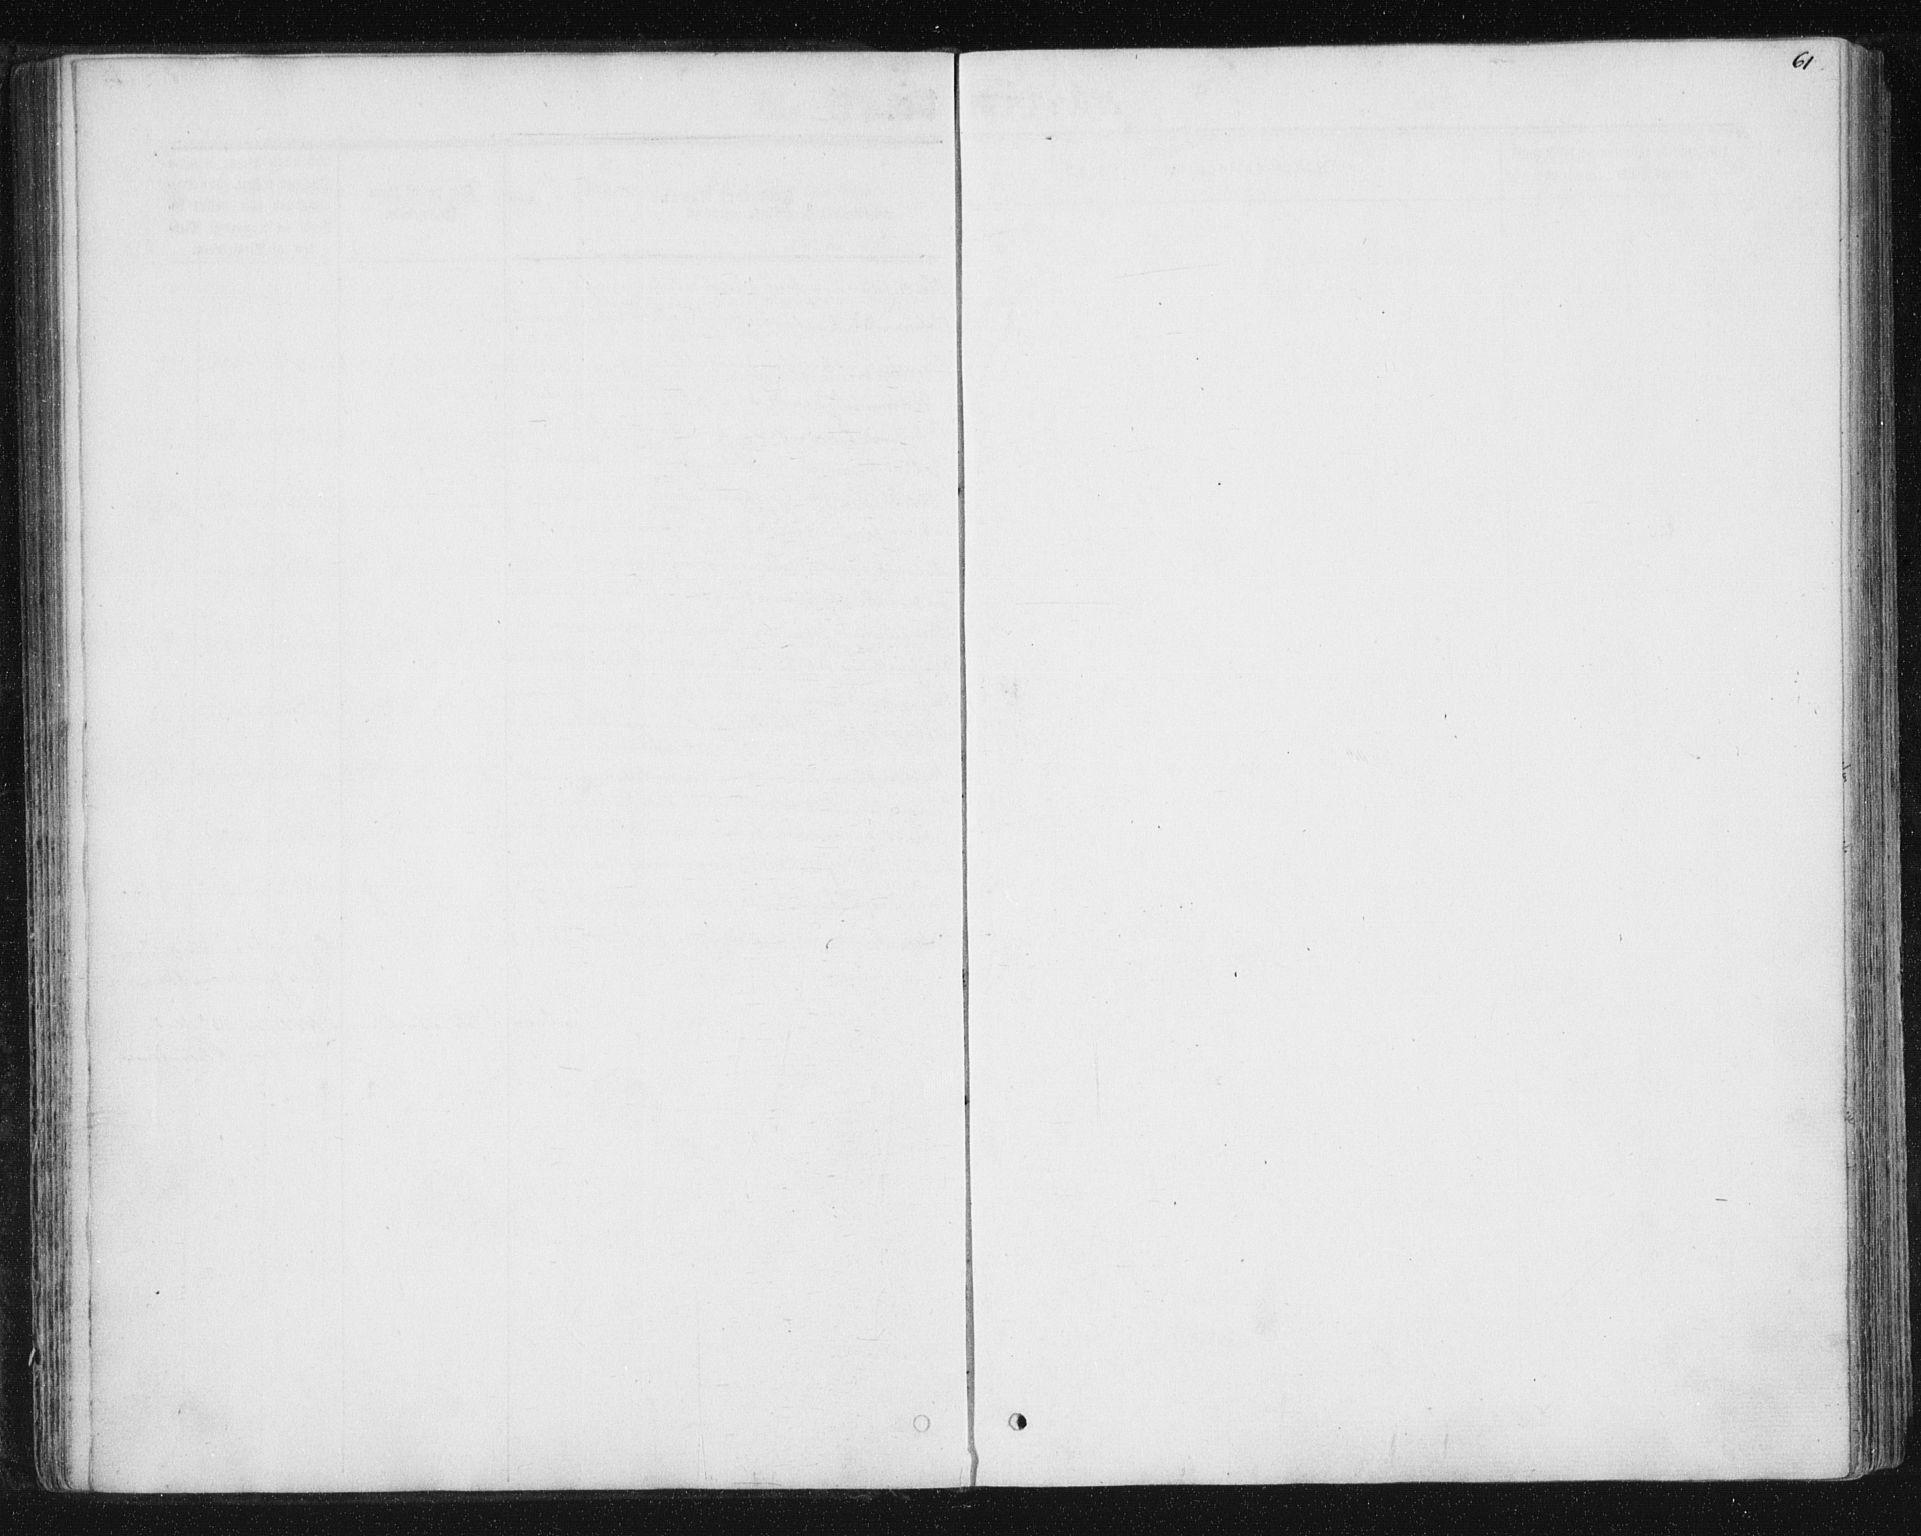 SAT, Ministerialprotokoller, klokkerbøker og fødselsregistre - Nord-Trøndelag, 788/L0696: Ministerialbok nr. 788A03, 1863-1877, s. 61